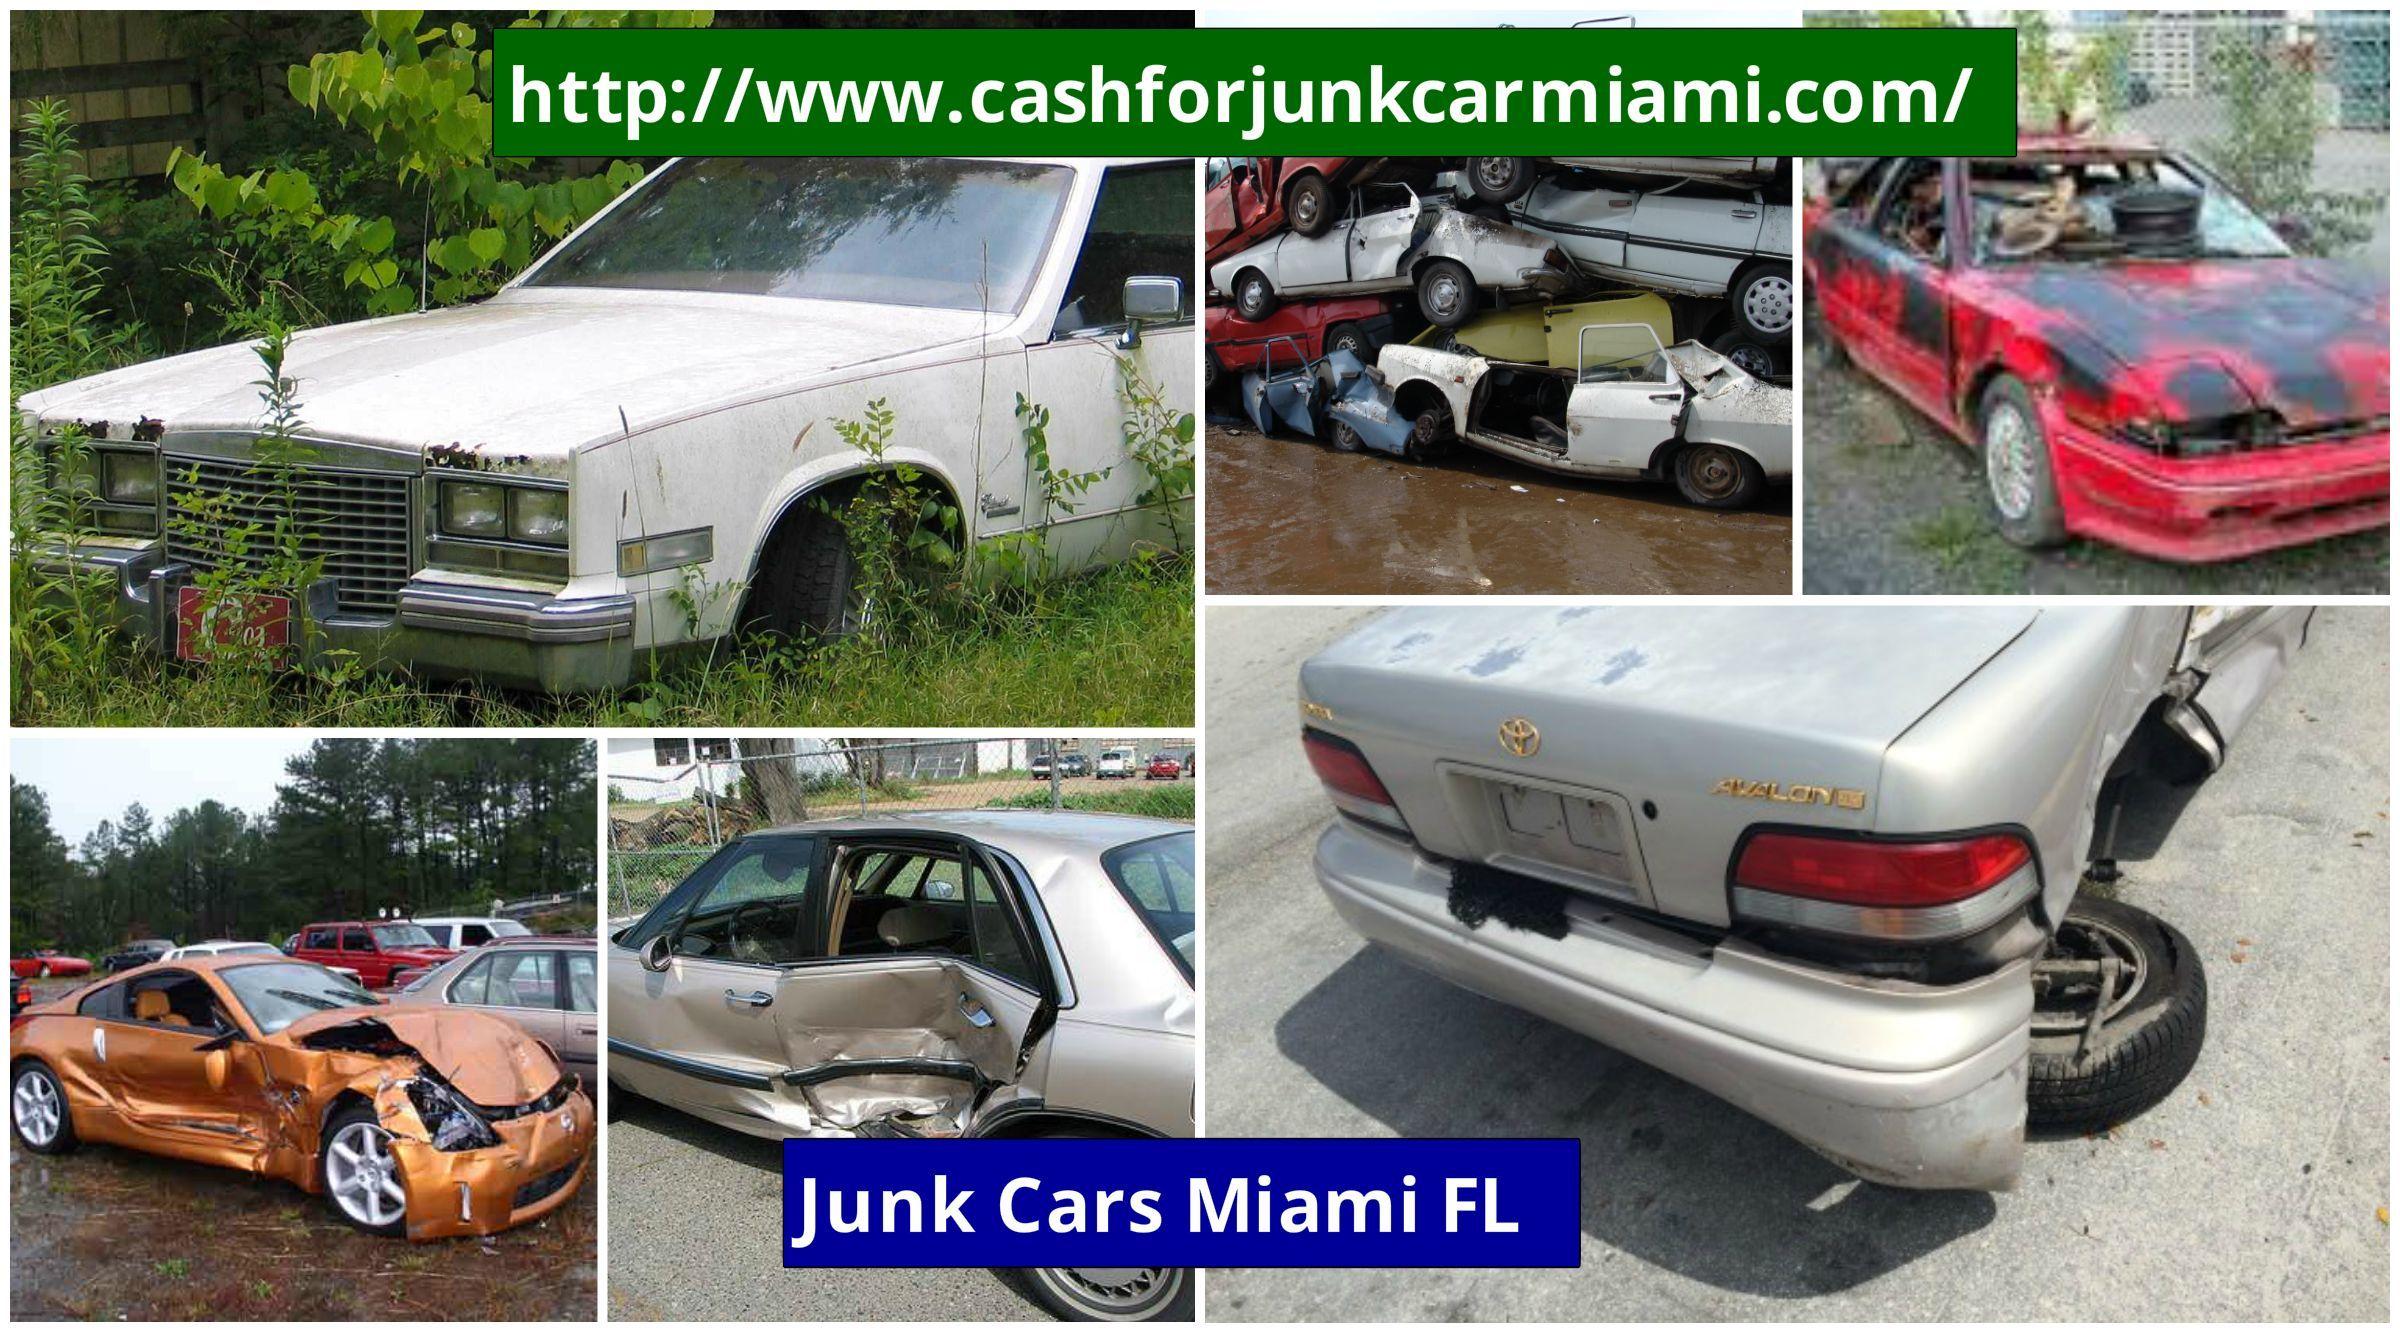 http://www.cashforjunkcarmiami.com/ Junk cars Miami FL helps ...